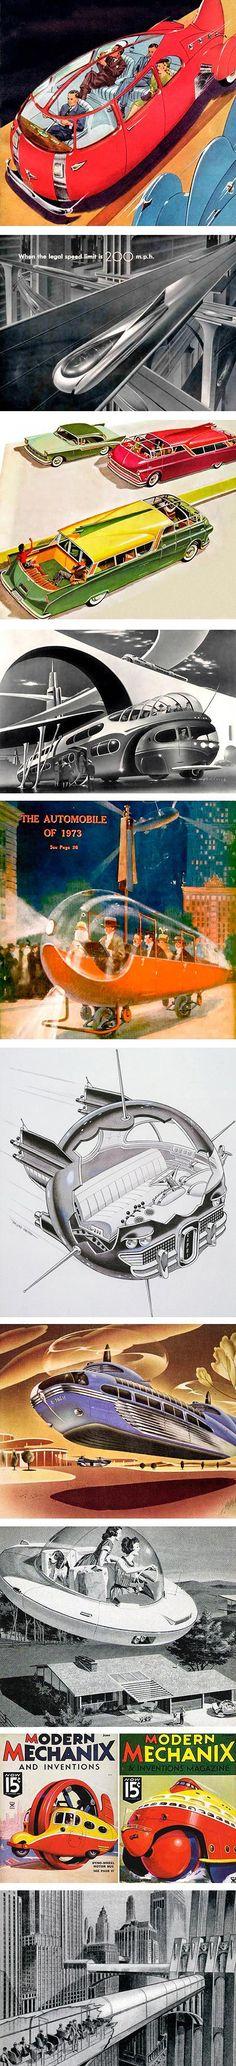 Amazing Retro Futuristic Artwork http://vintageindustrialstyle.com/amazing-retro-futuristic-artwork/